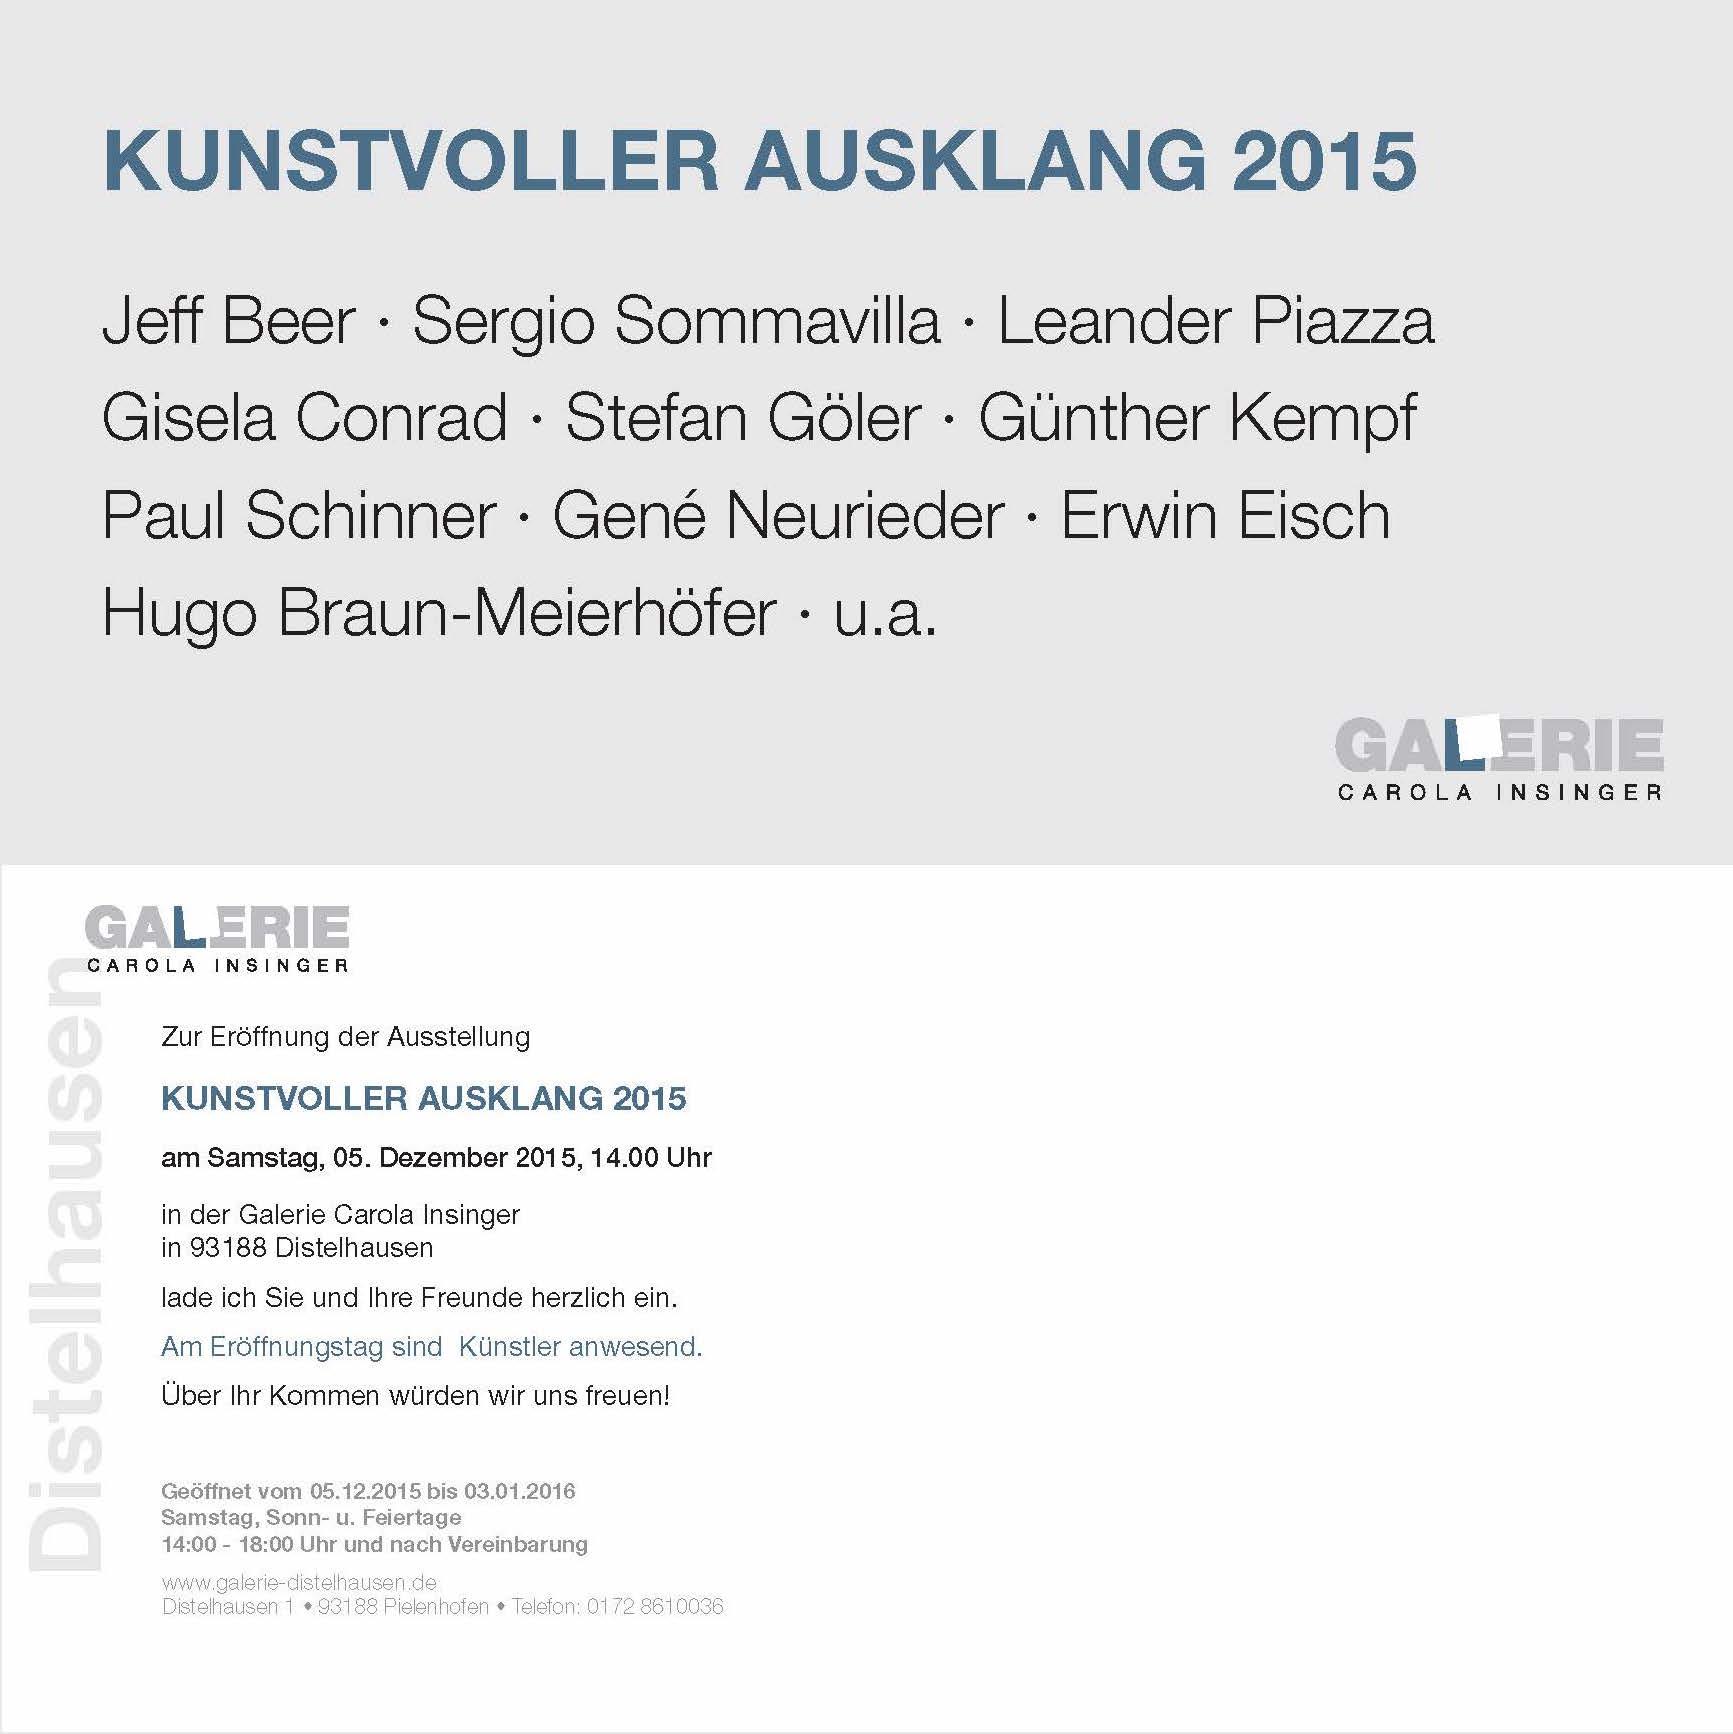 Einladung zur Ausstellung Kunstvoller Ausklang 2015 Sergio Sommavilla